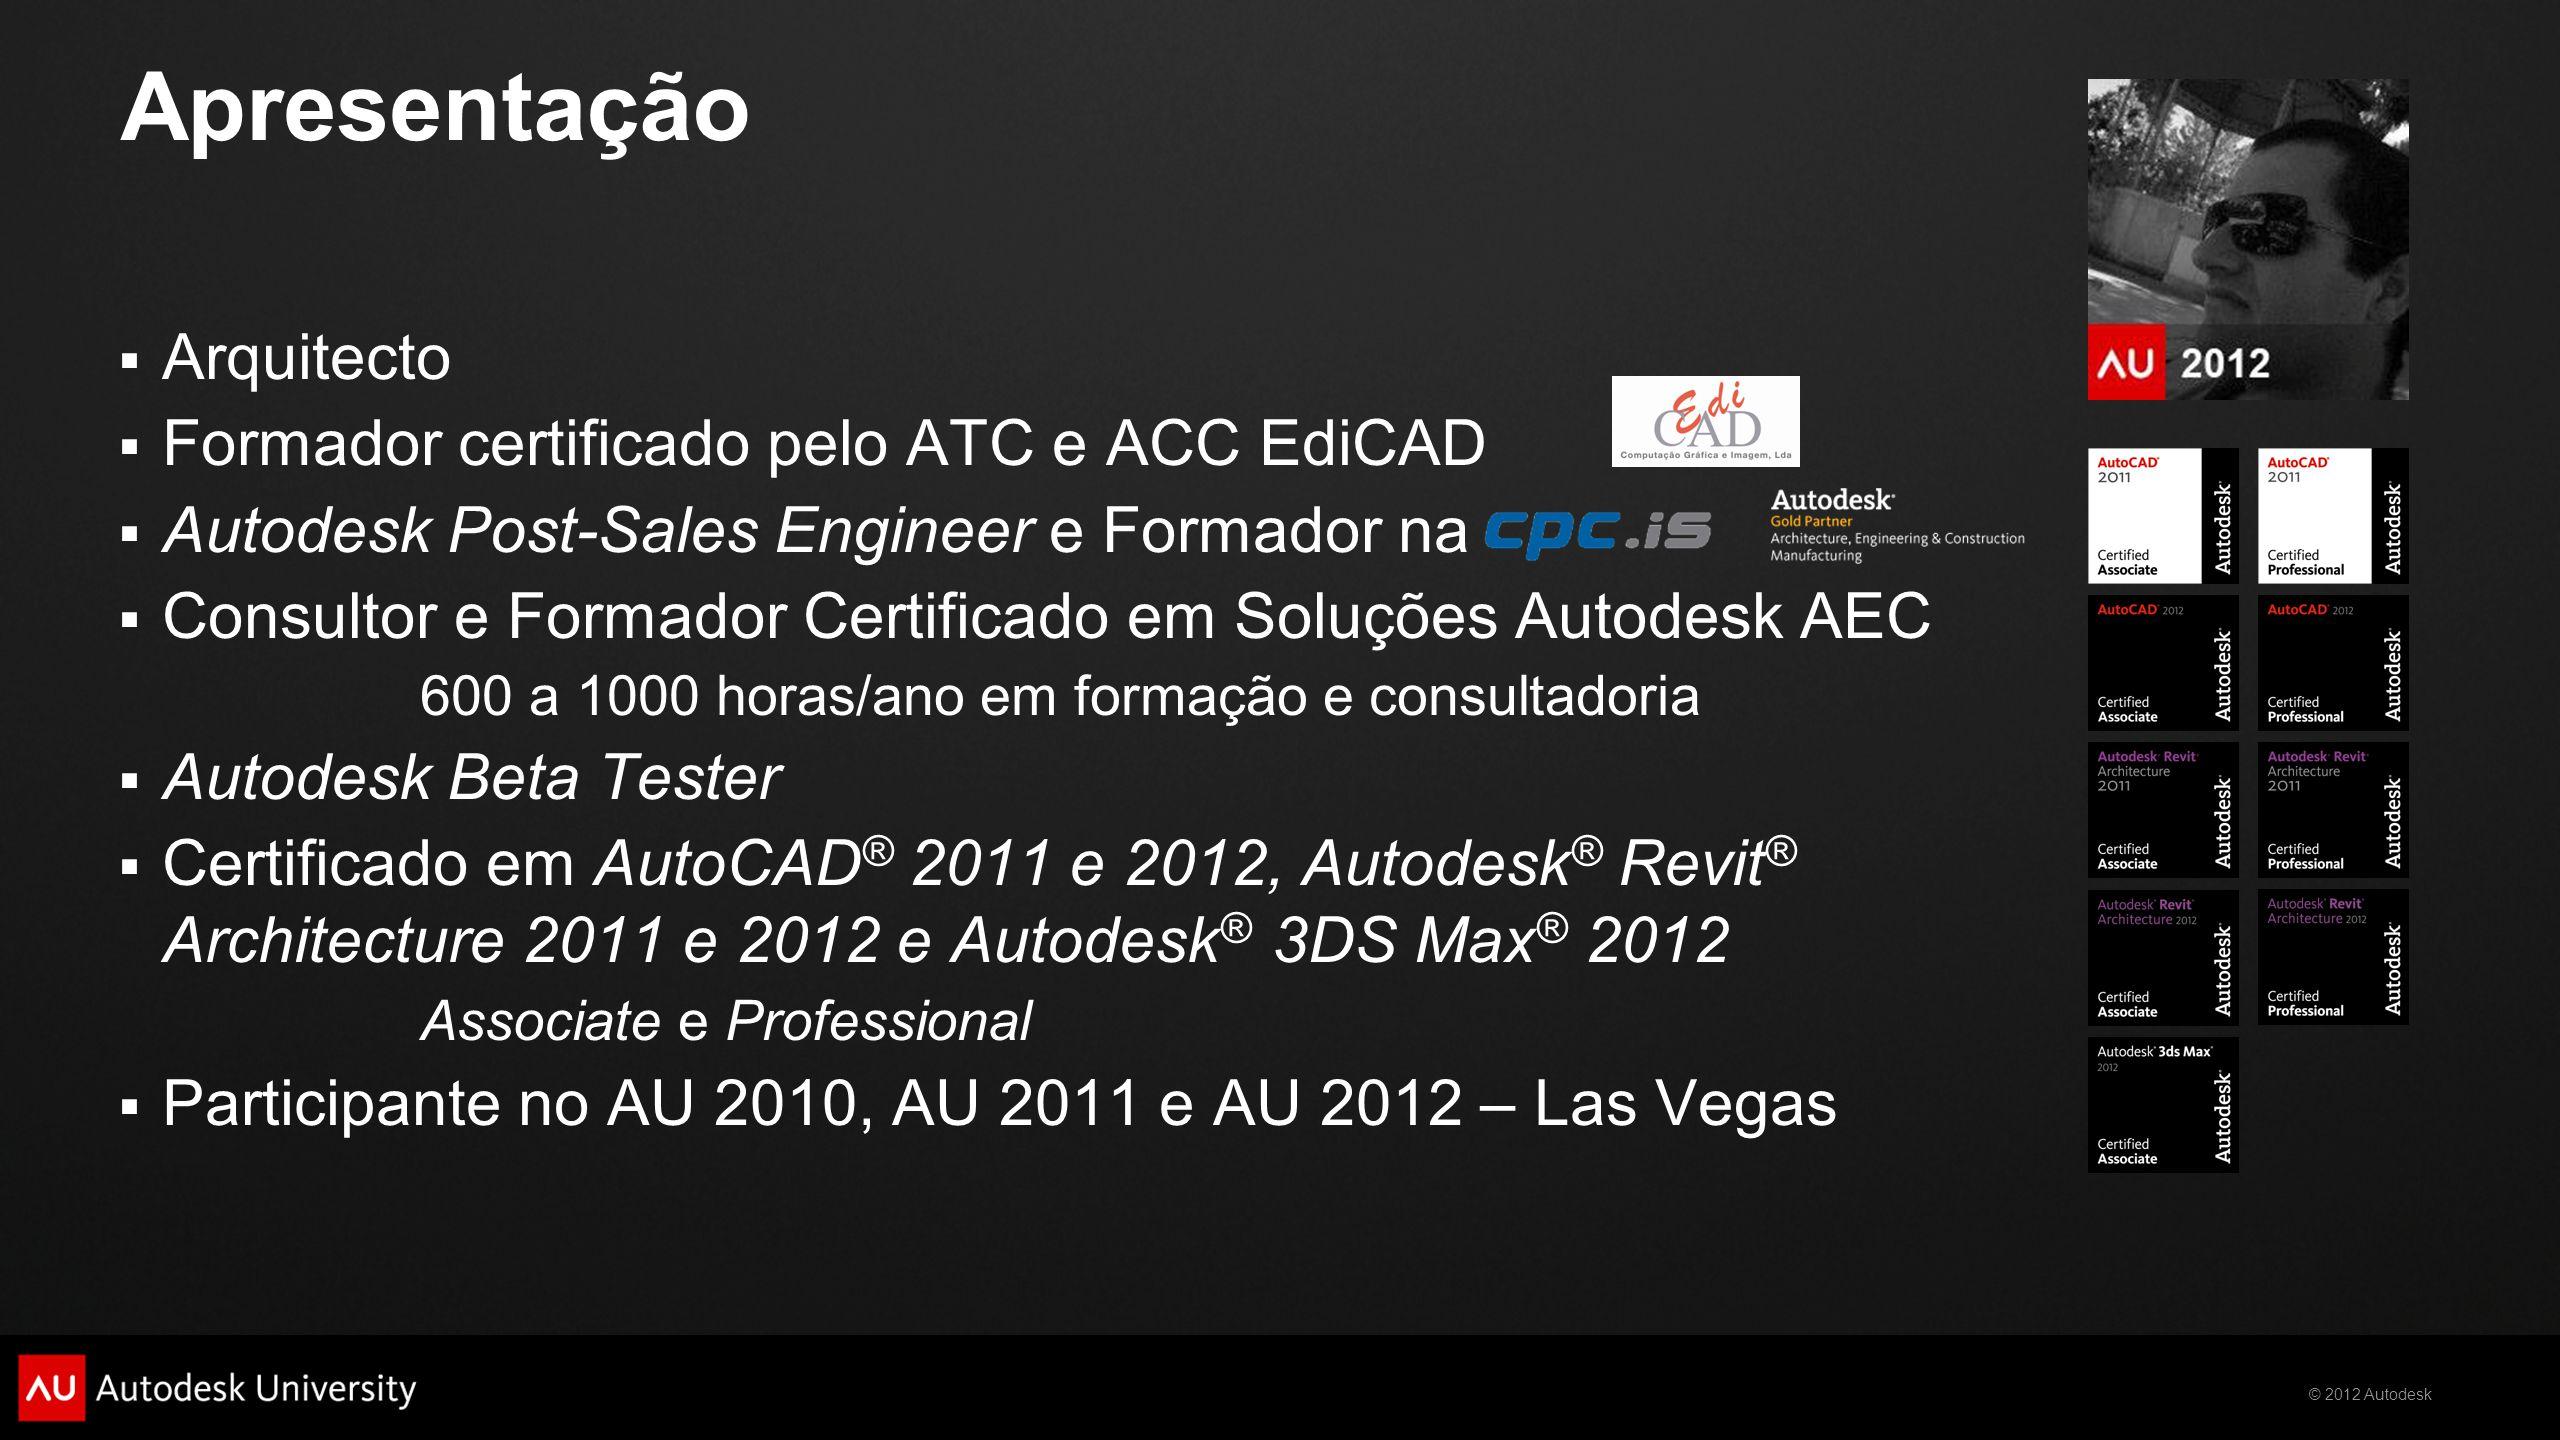 © 2012 Autodesk Apresentação  Co-orador no AU Virtual 2010 na sessão: AB210-5V/AB222-6V - Da Arquitectura ao Projecto Integrado  Orador no AU Virtual 2011 nas sessões: AC5488 - CUI para todos nós AB3968 - Estudos Conceptuais: do estudo da forma à análise energética  Orador no AU Virtual 2012 na sessão: AB6006-V - Utilização de Links e Grupos  Moderador e administrador do fórum de língua portuguesa: www.revitpt.com  Colabora com Fernando Oliveira no blog: http://revit-pt.blogspot.com/